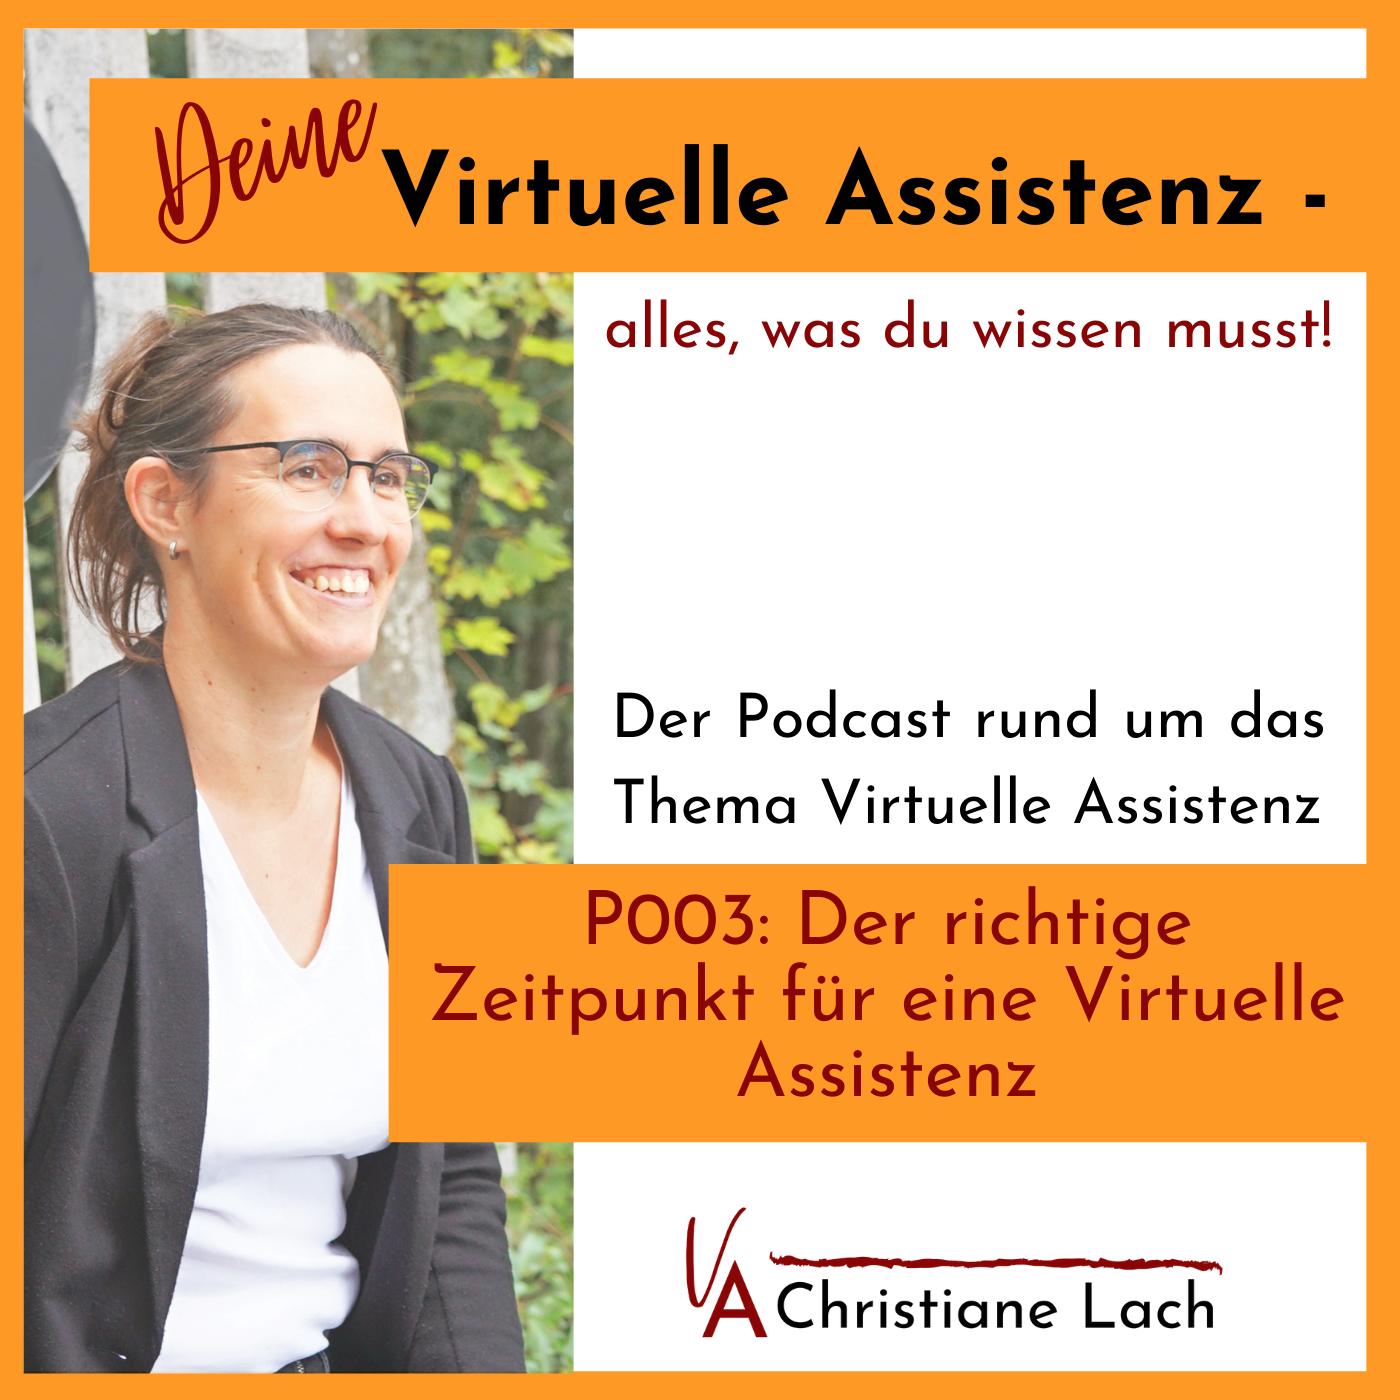 P003: Der richtige Zeitpunkt für eine Virtuelle Assistenz